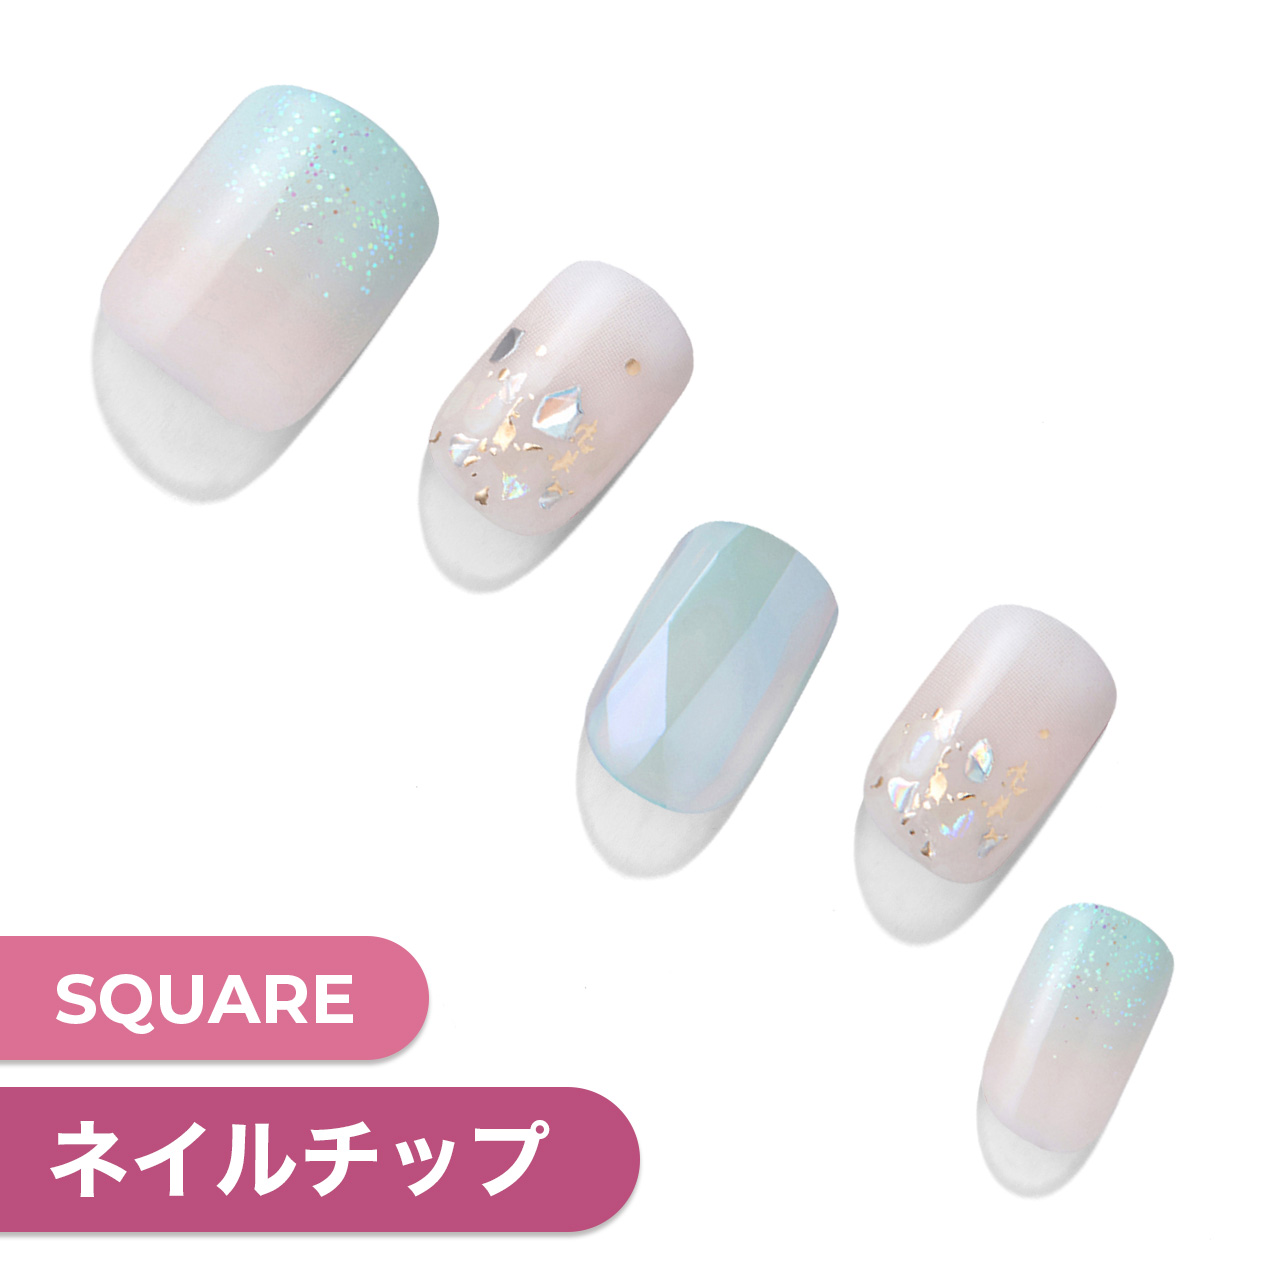 【Fairy Dust】ダッシングディバマジックプレス【5個セット】